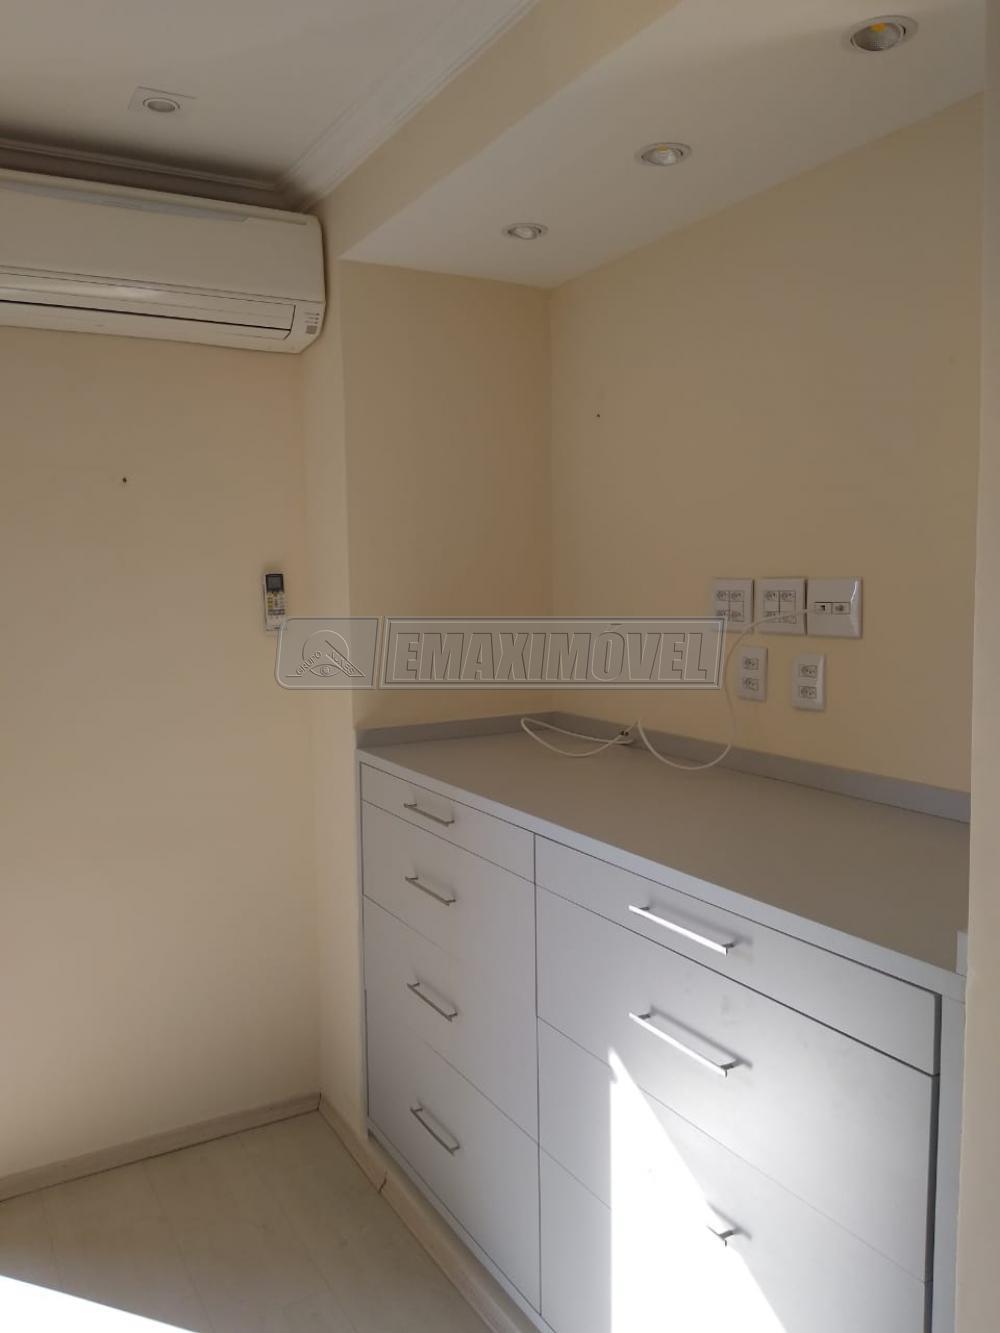 Comprar Apartamento / Padrão em Sorocaba R$ 1.166.000,00 - Foto 19